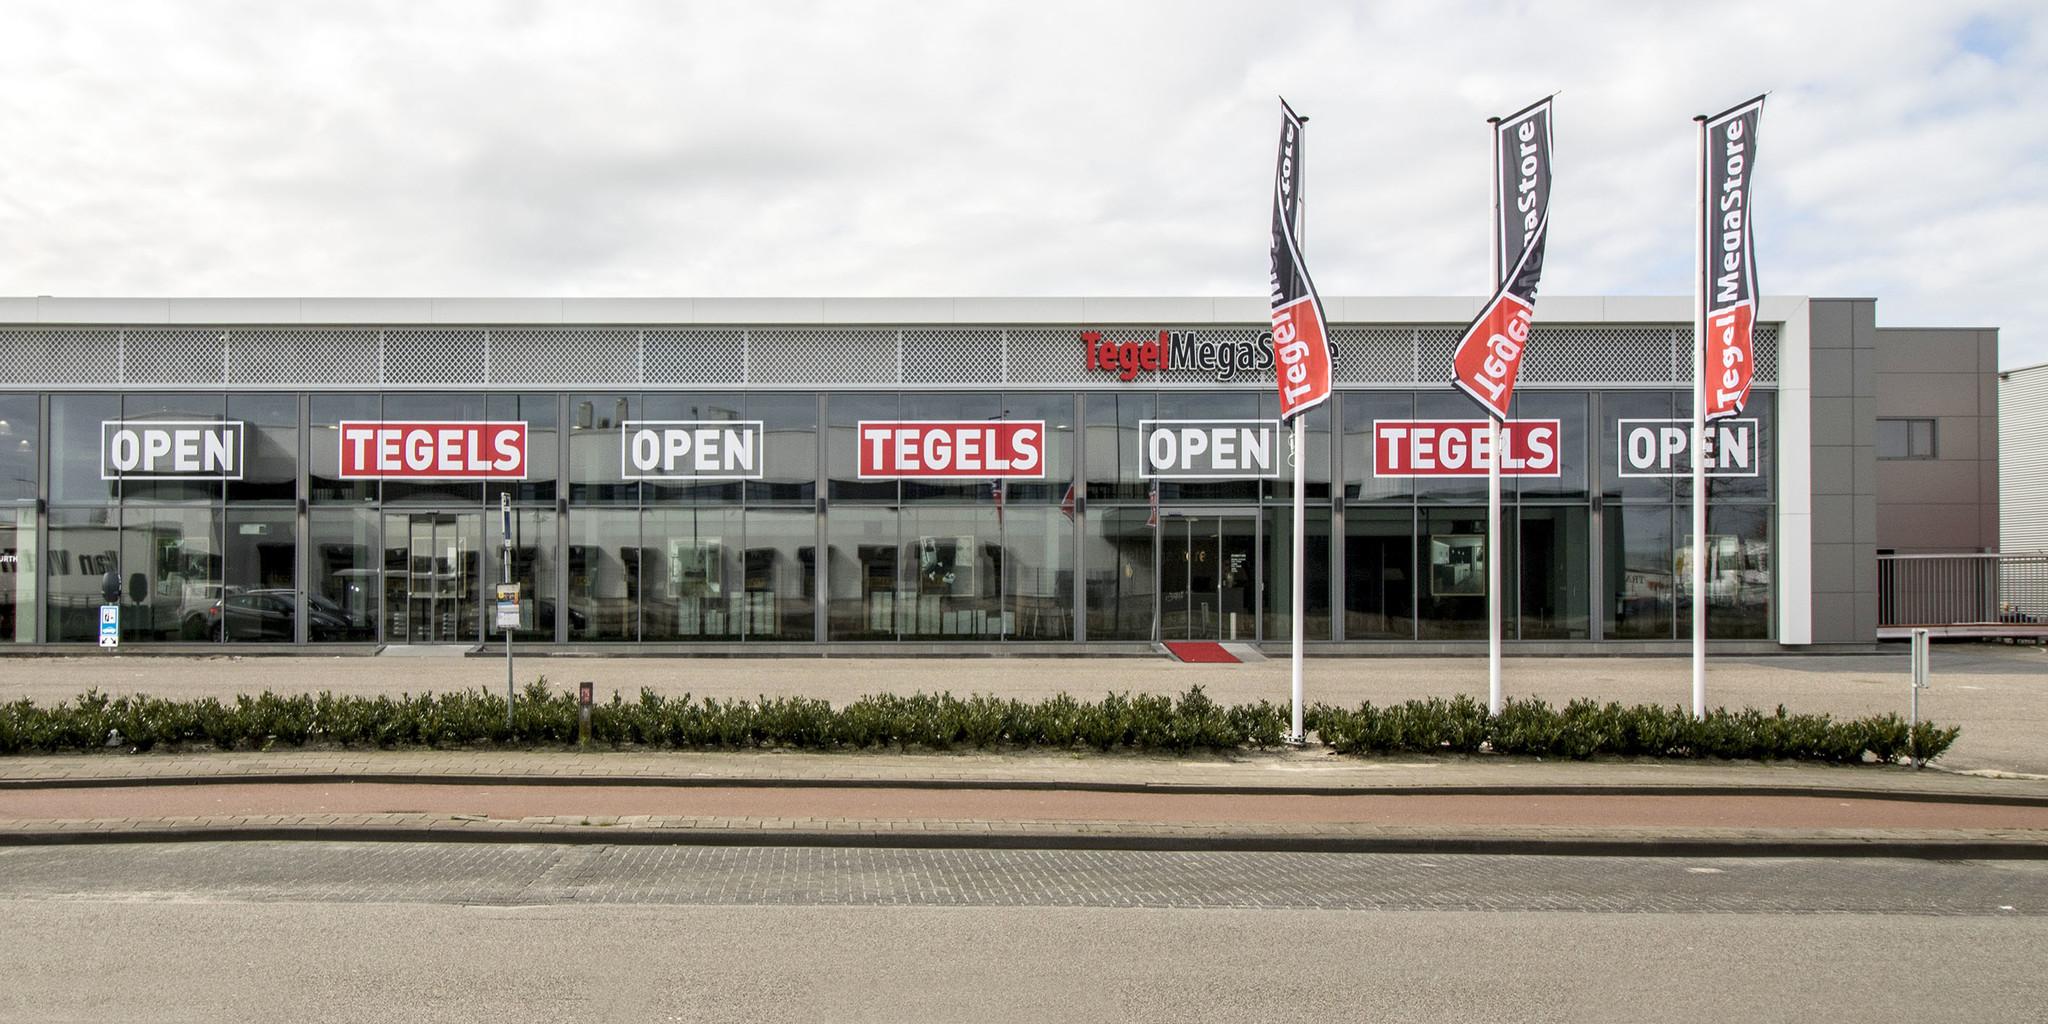 Persbericht - TegelMegaStore opent vijfde vestiging in Den Bosch